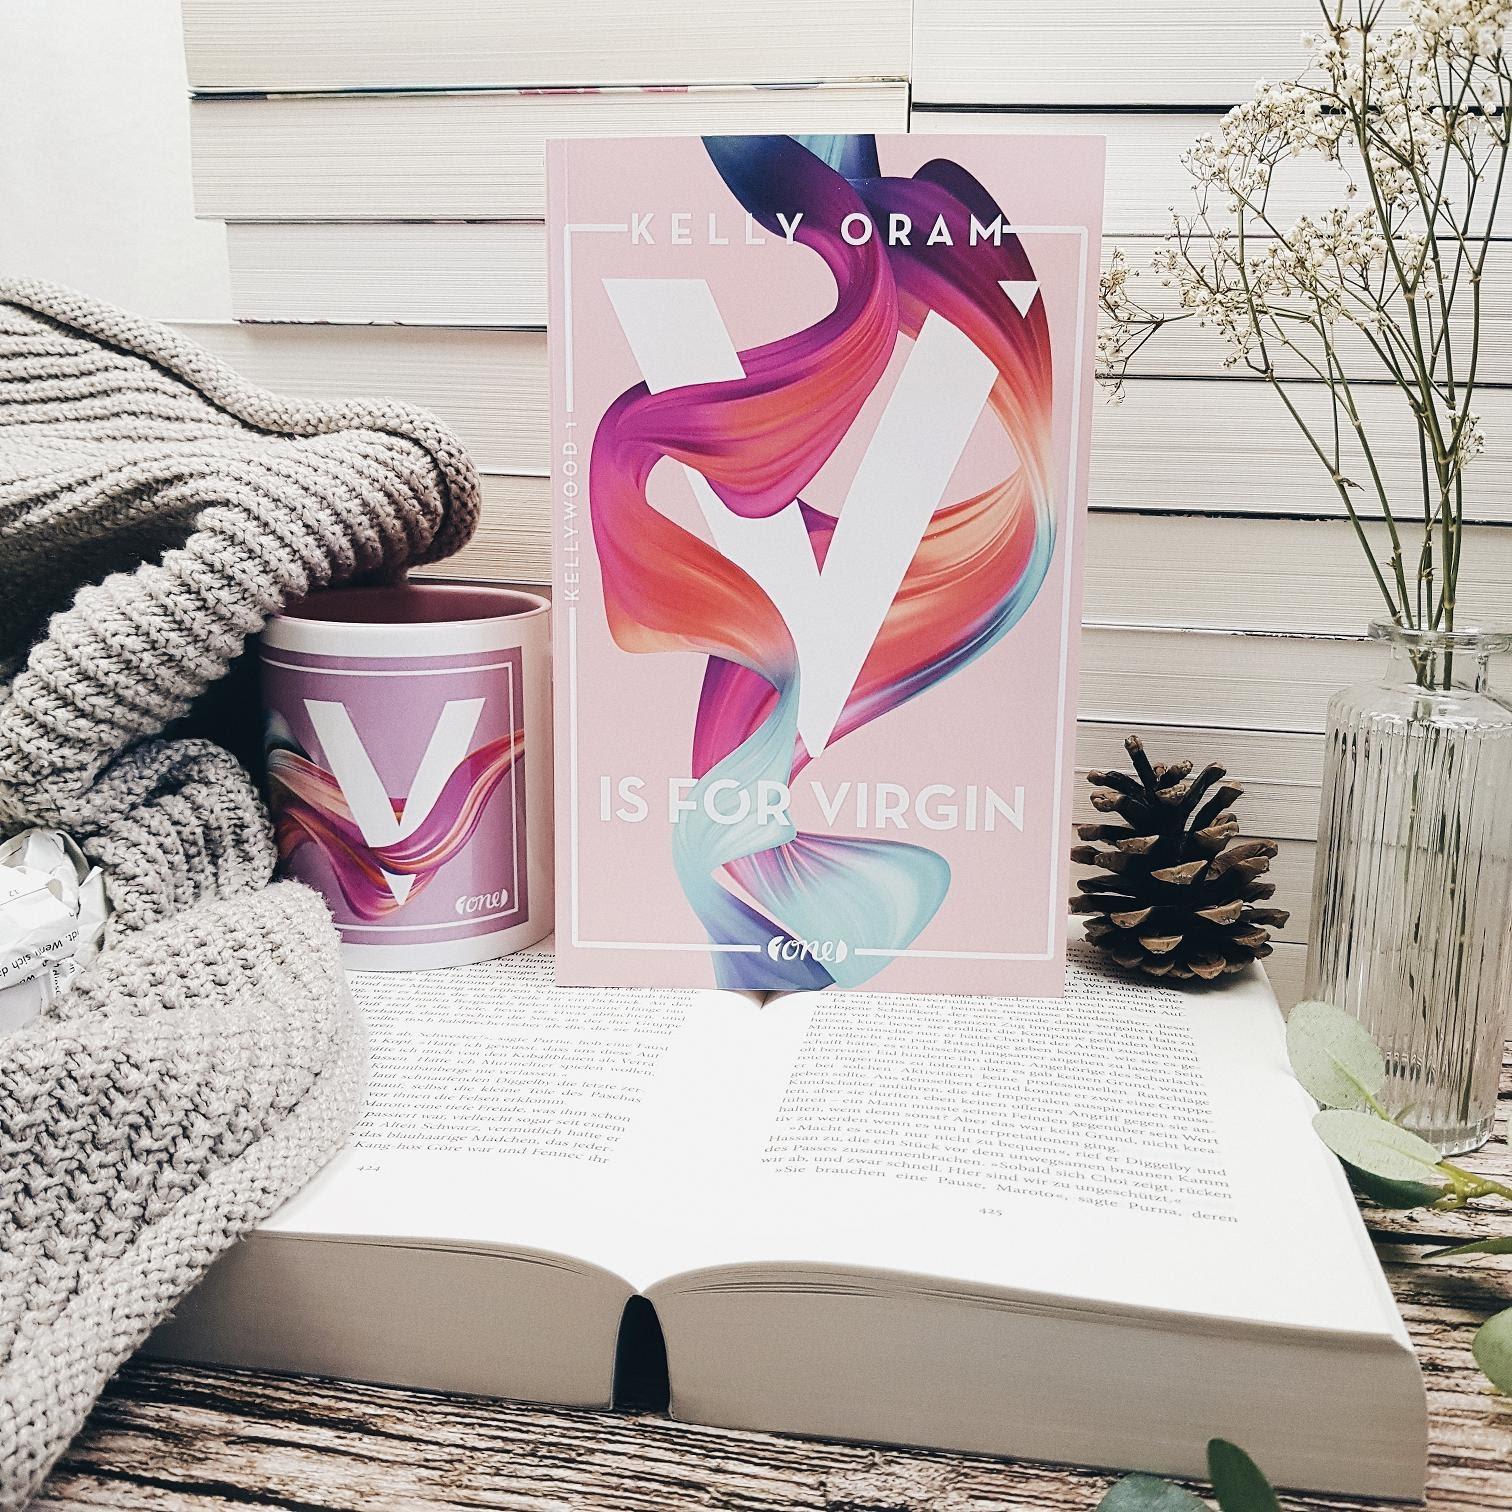 Bücherblog. Rezension. Buchcover. V is for Virgin (Band 1) von Kelly Oram. Jugendbuch. one. prettytigerbuch.